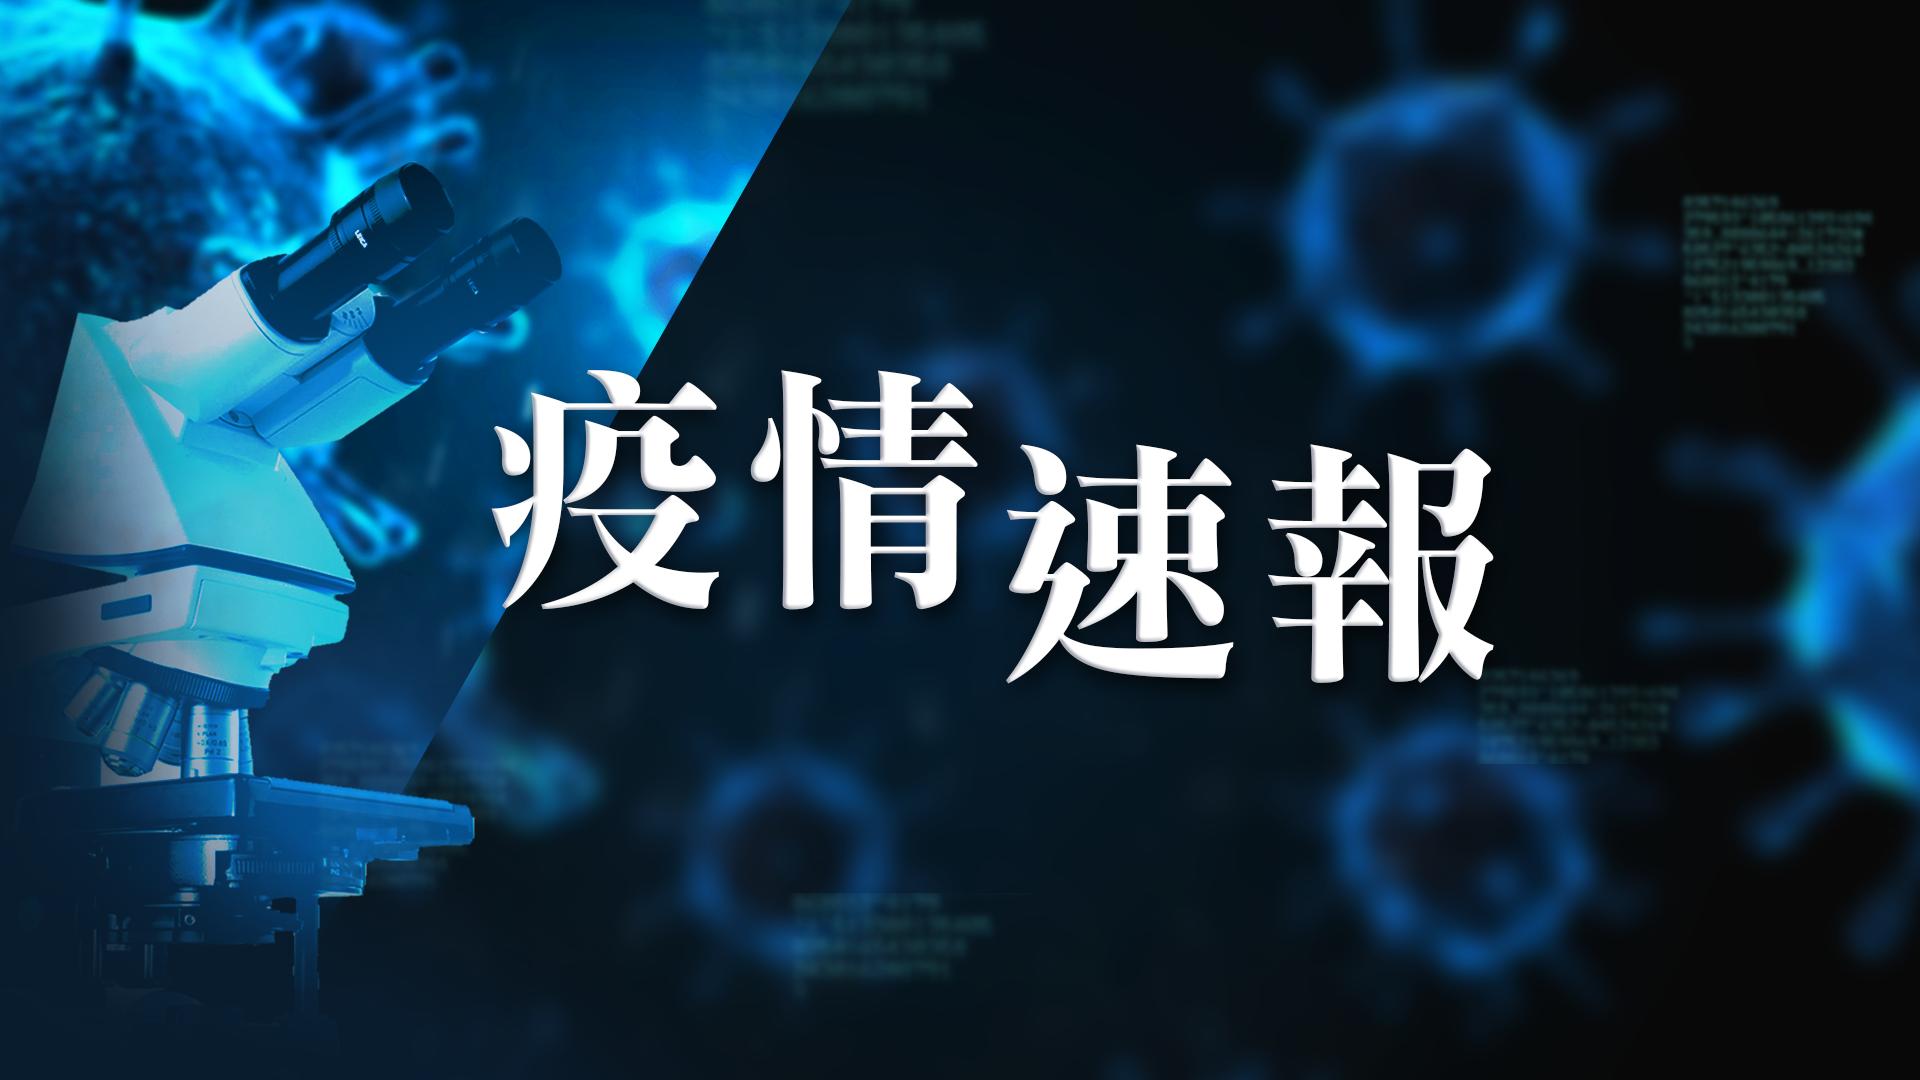 【9月14日疫情速報】(22:40)